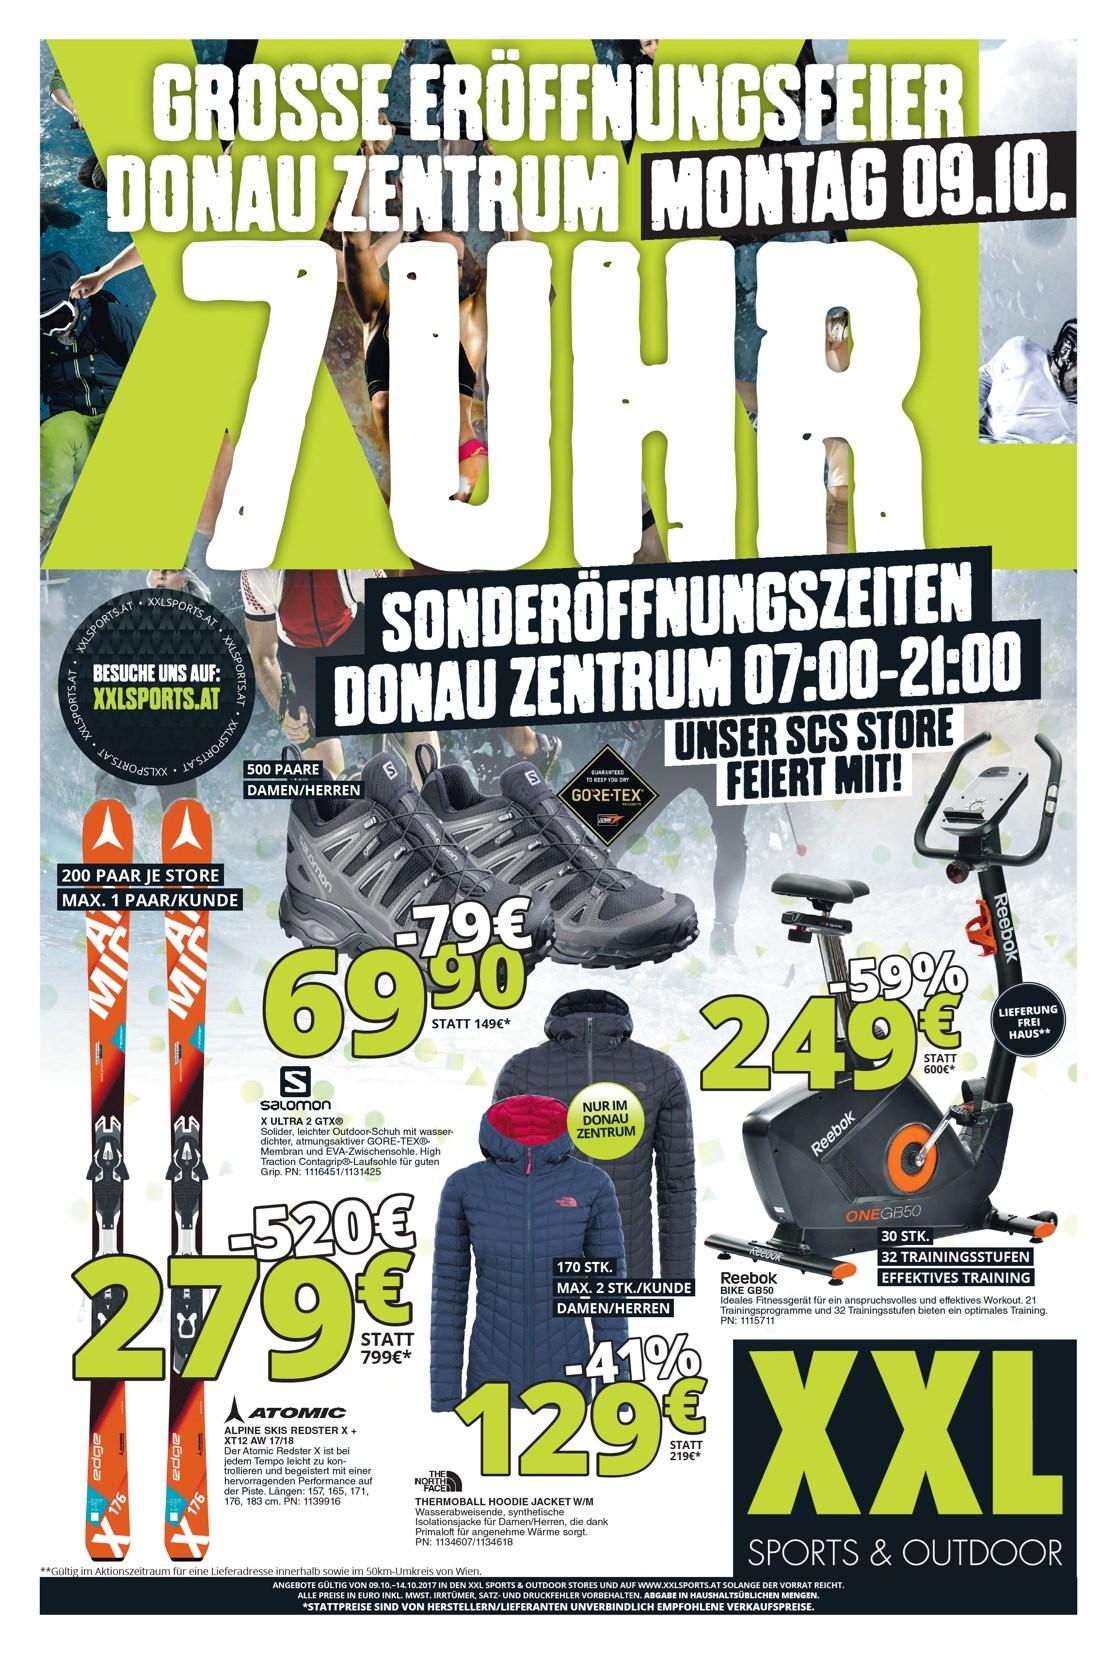 XXL Sports & Outdoor Wien Donauzentrum - Neueröffnung am 9. Oktober - Alle Eröffnungsangebote (+ Online / SCS)